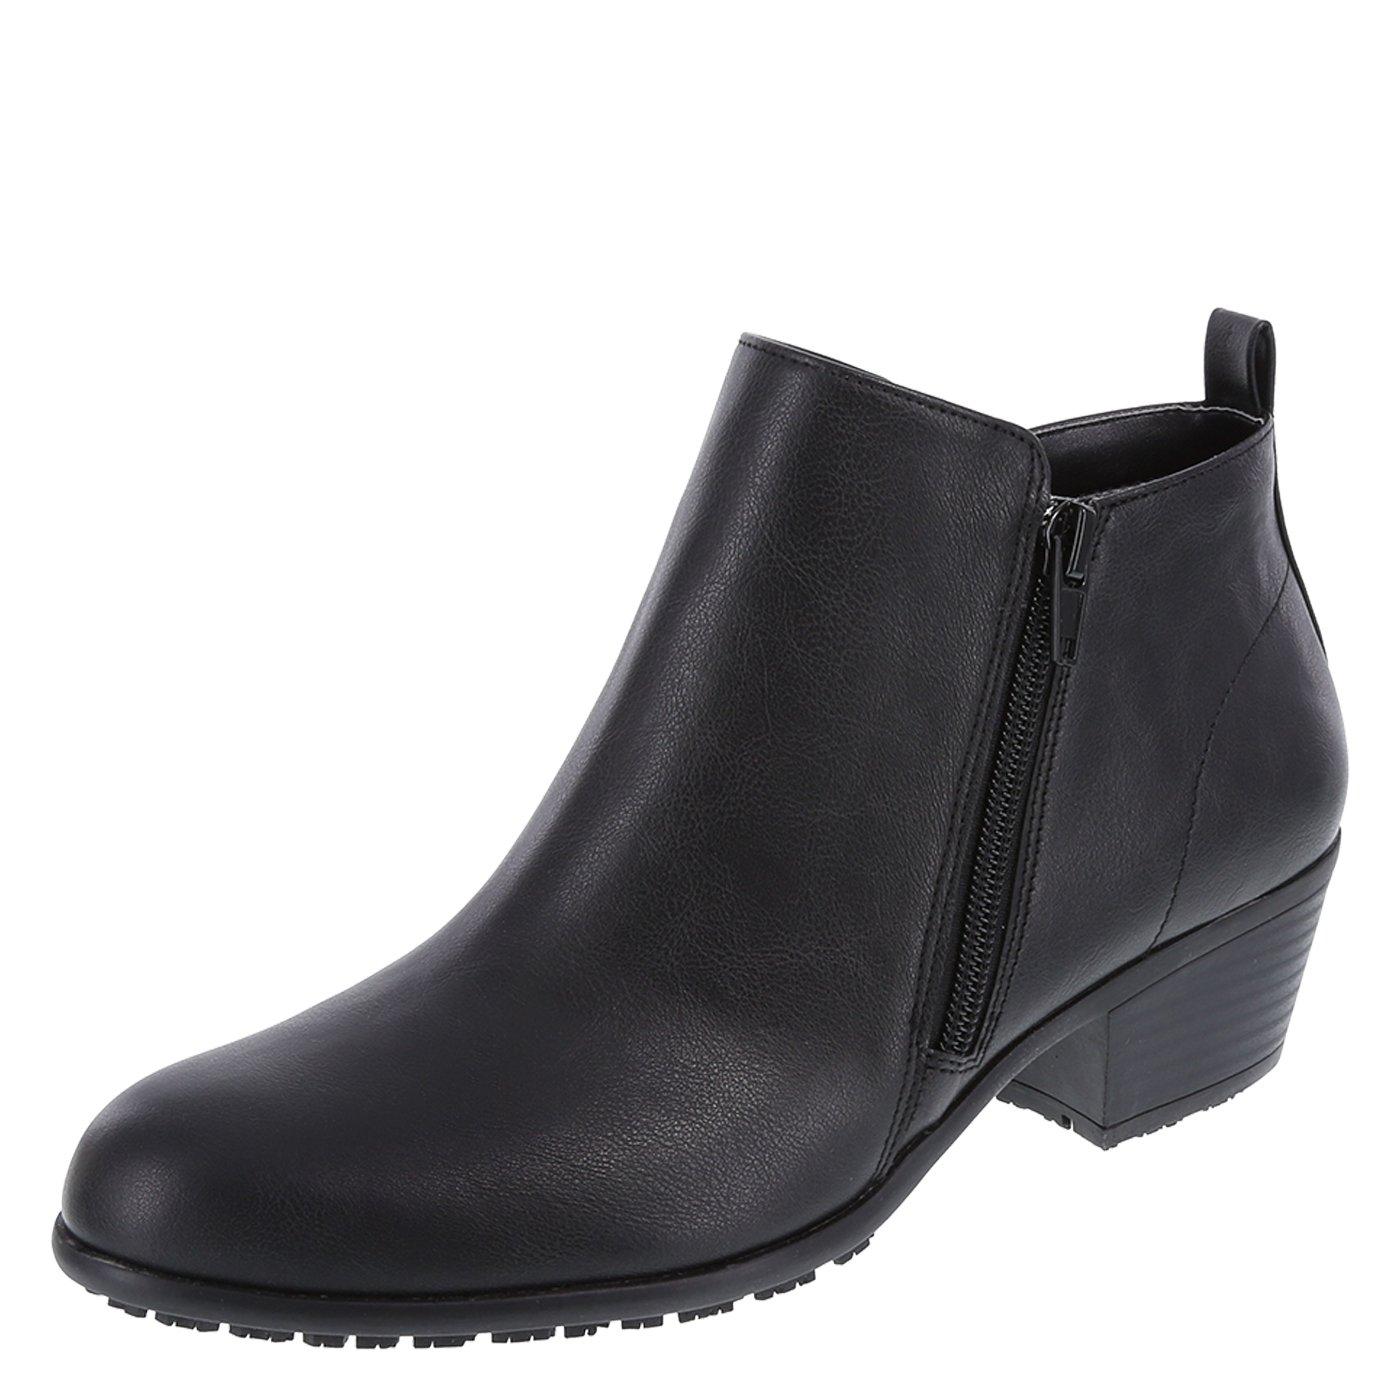 safeTstep Women's Black Women's Slip-Resistant Brenna Short Boot 11 Wide